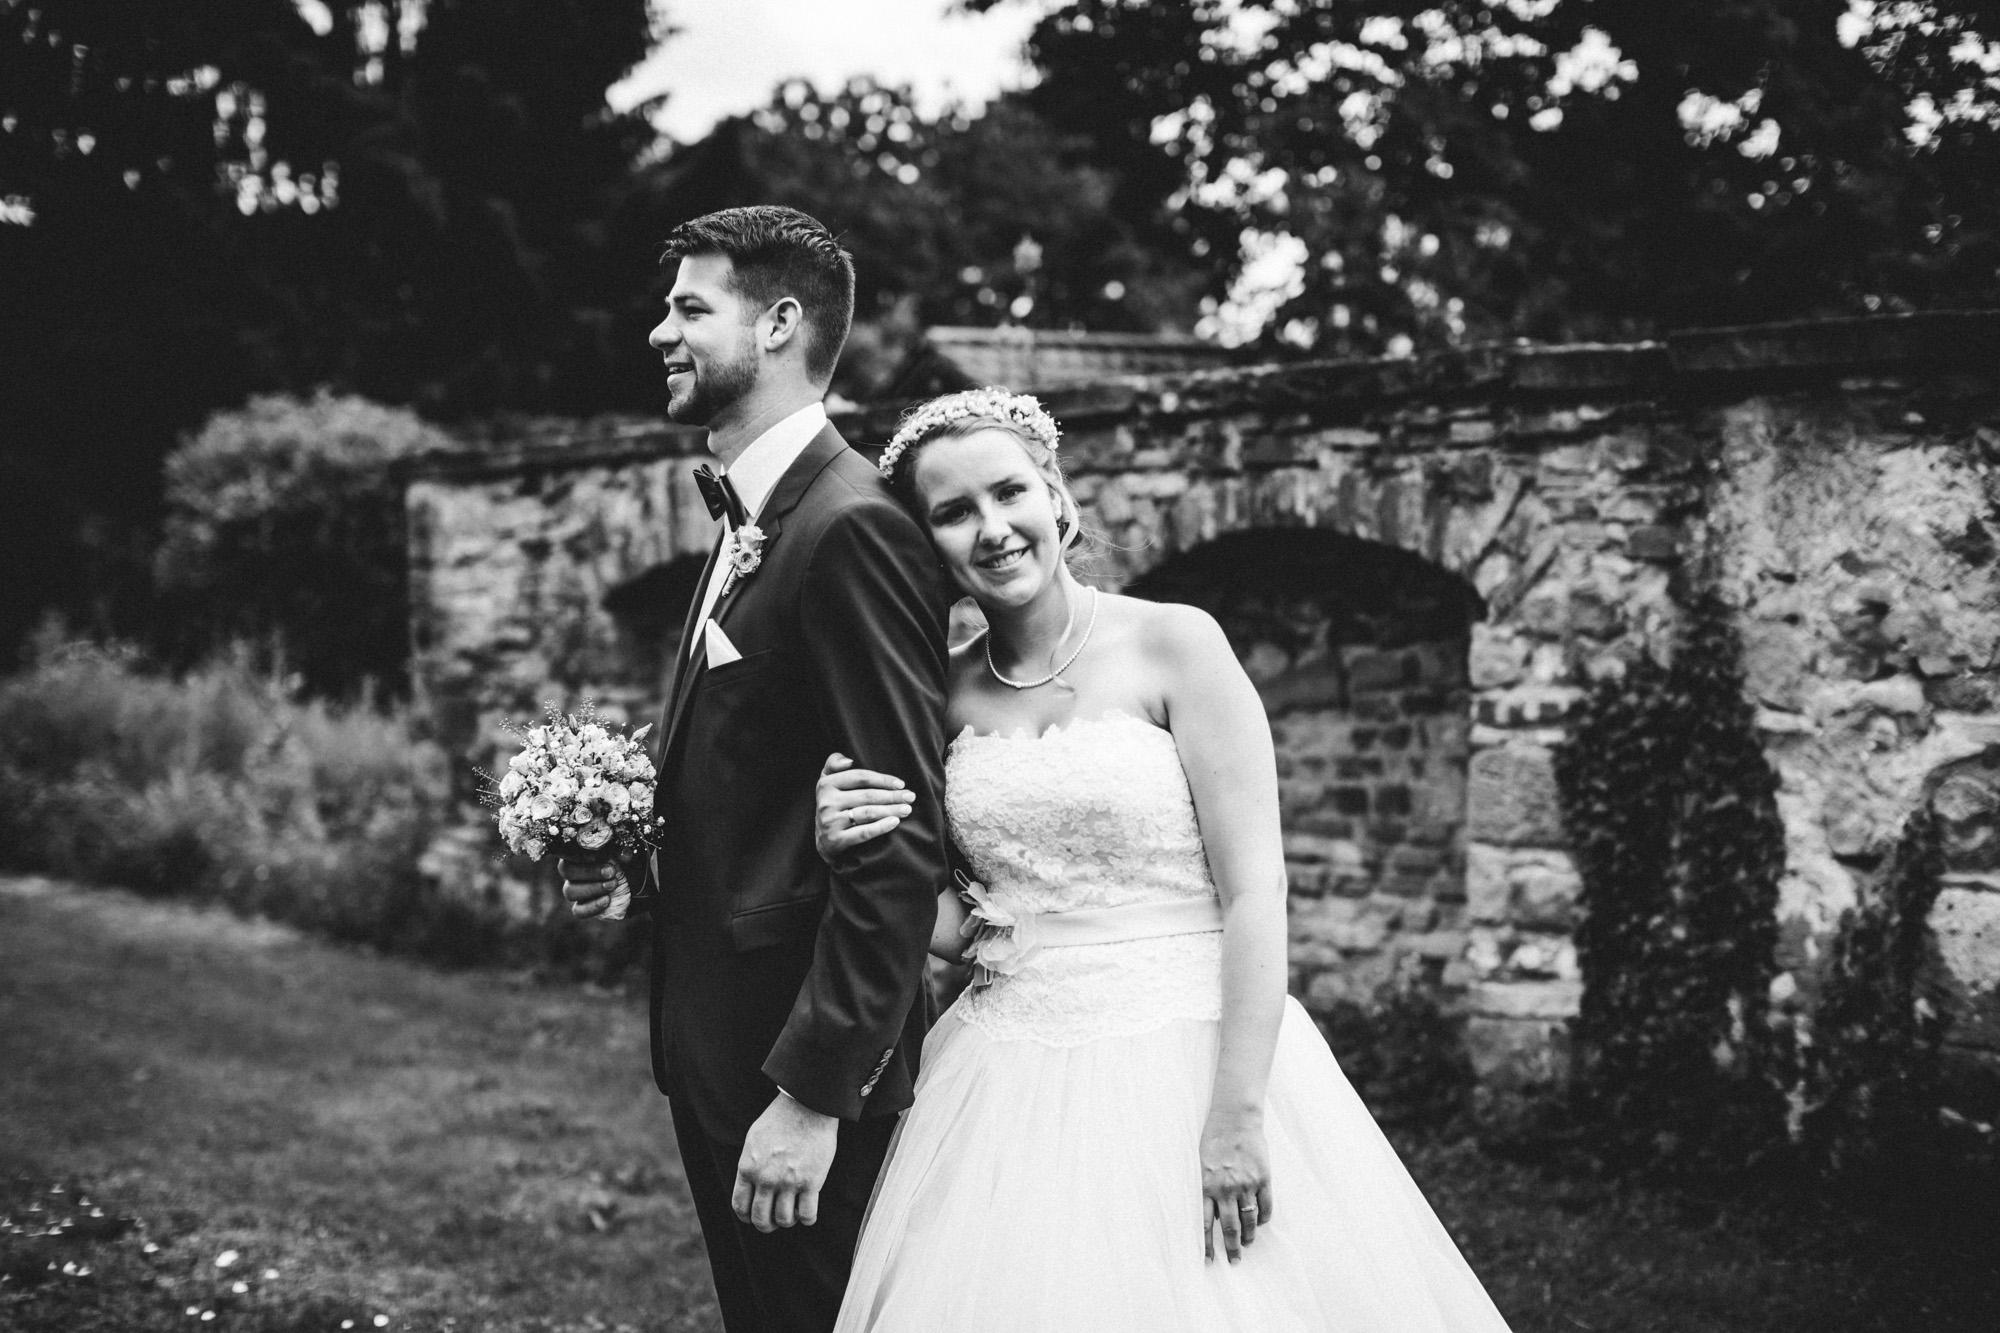 hannah und elias 345 - Schwarz-Weiß Hochzeit